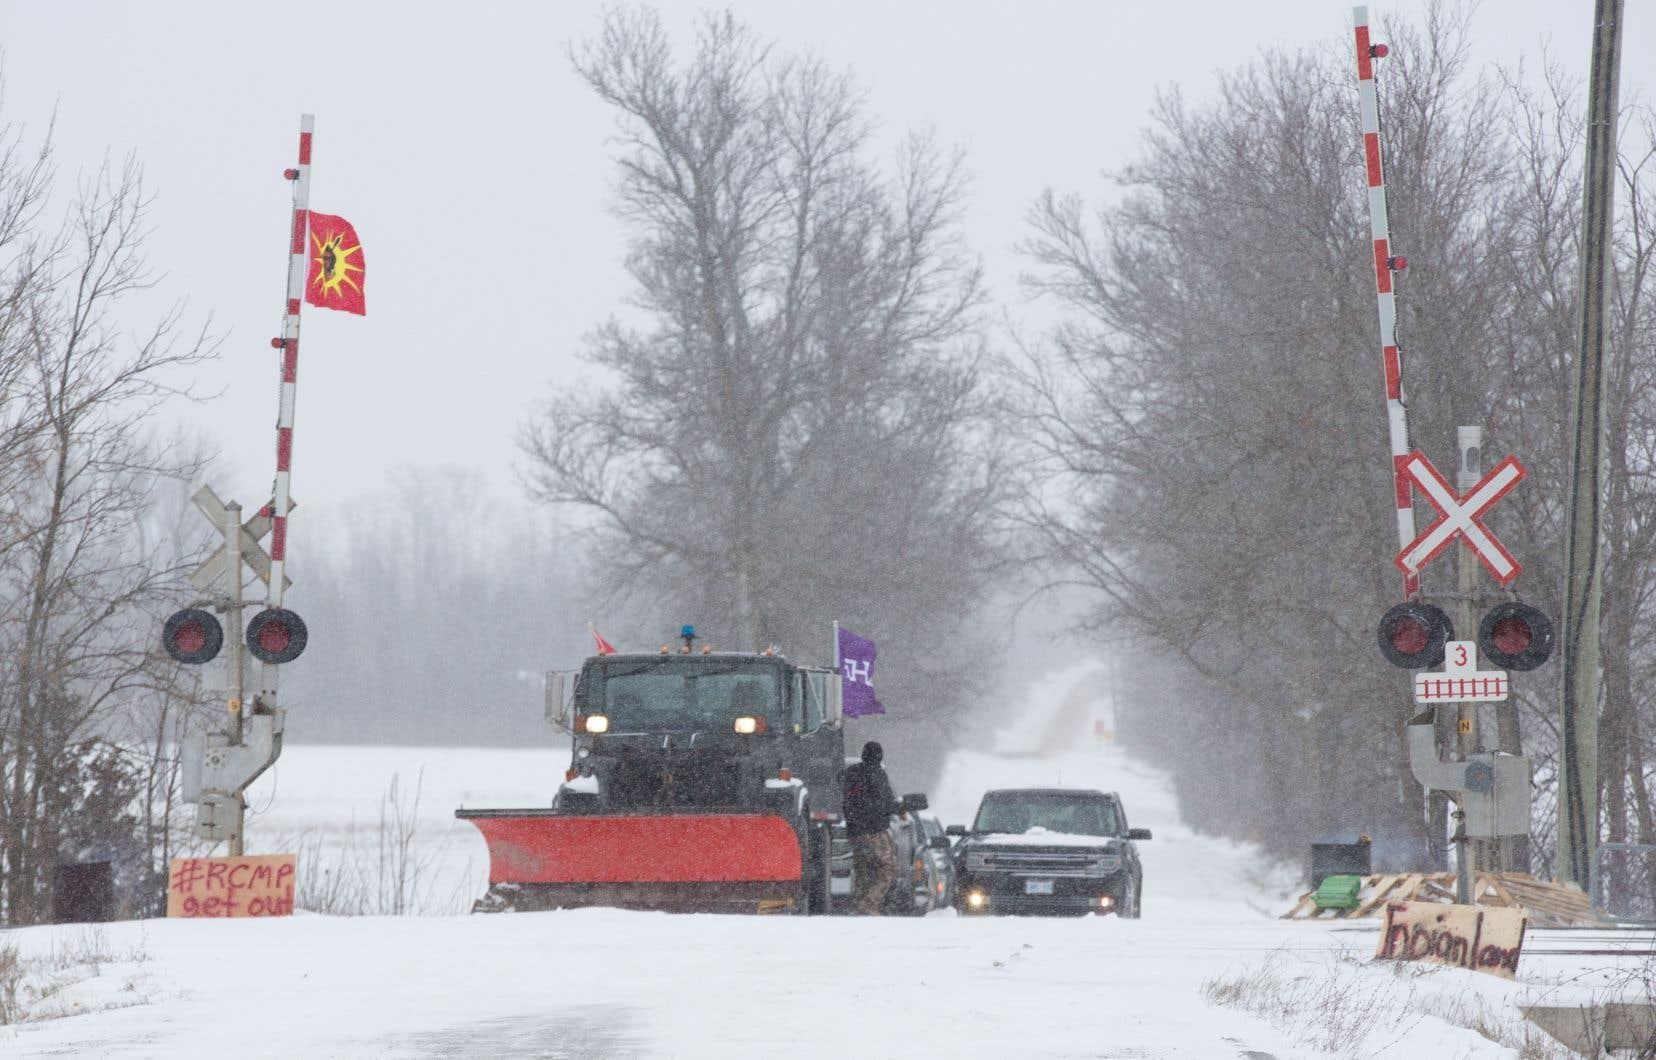 Des Mohawks bloquent les voies ferrées à Tyendinaga, en Ontario, en soutien à laPremière nation Wet'suwet'en, qui s'oppose à la construction d'un gazoduc sur son territoire.